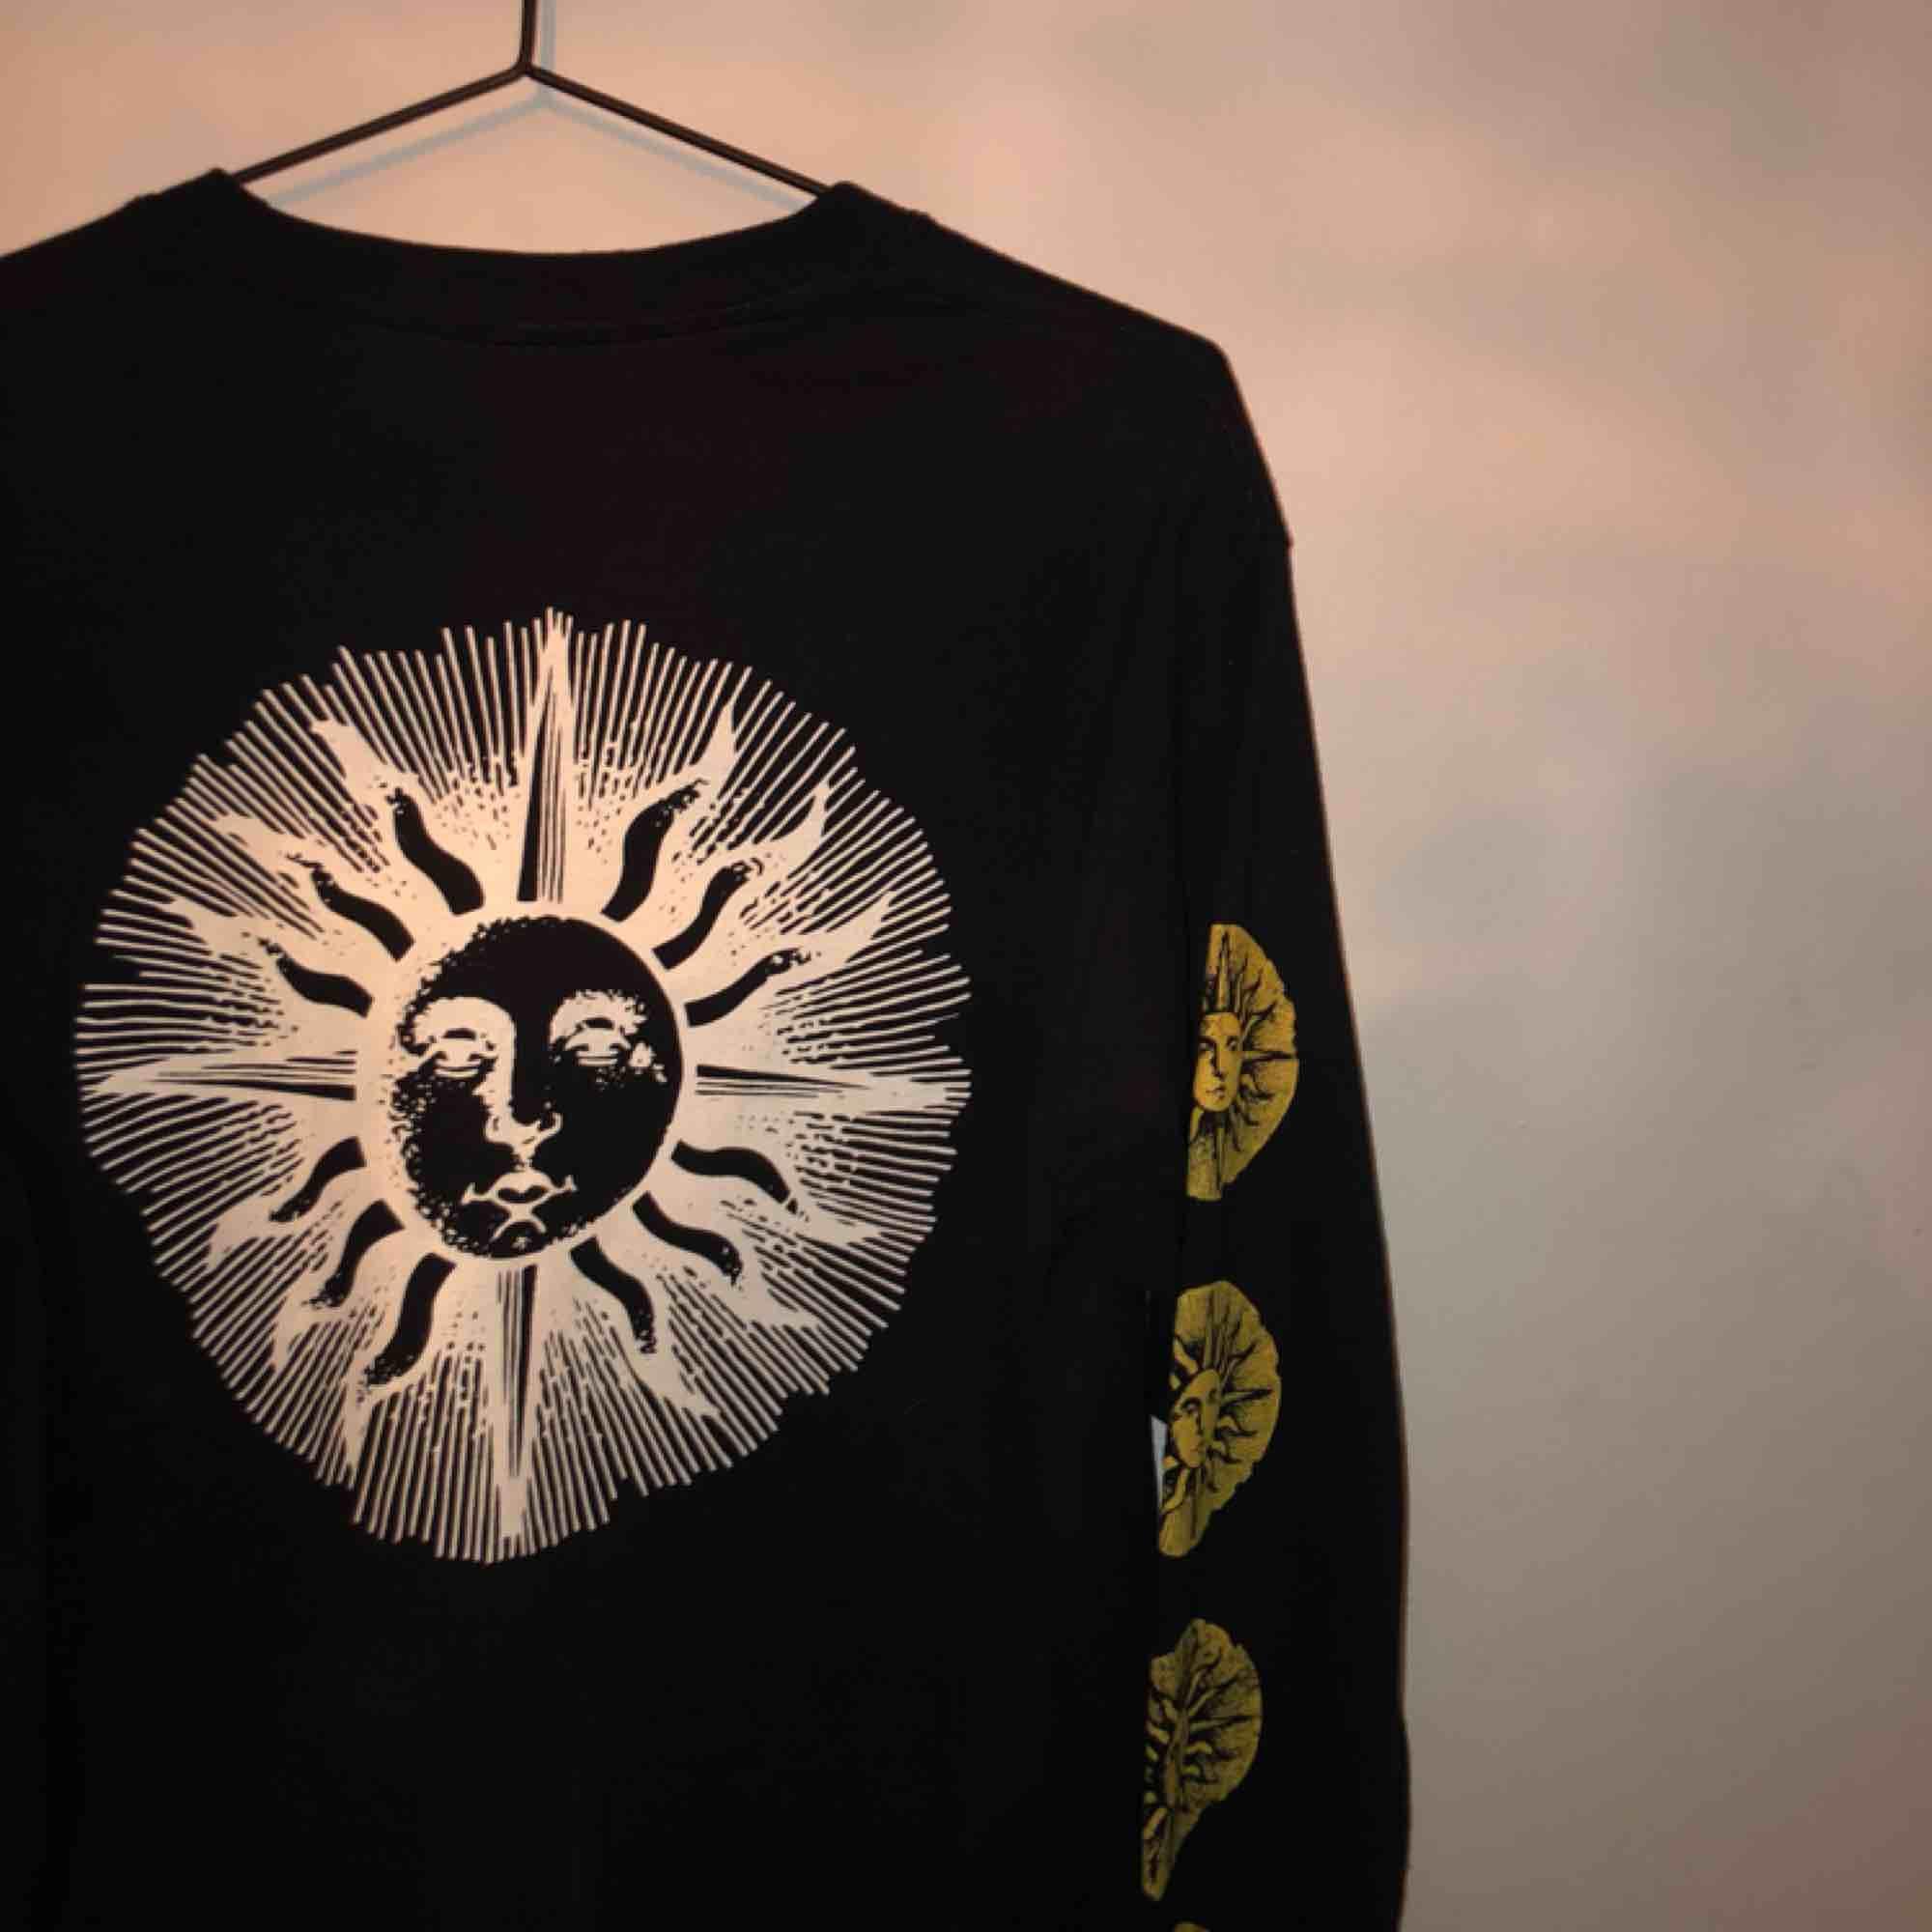 köpt i London på Urban Outfitters🔥 långärmad tröja, det är tryck på ärmar, högra bröst och på ryggen🌞 frakt 35kr💌. T-shirts.